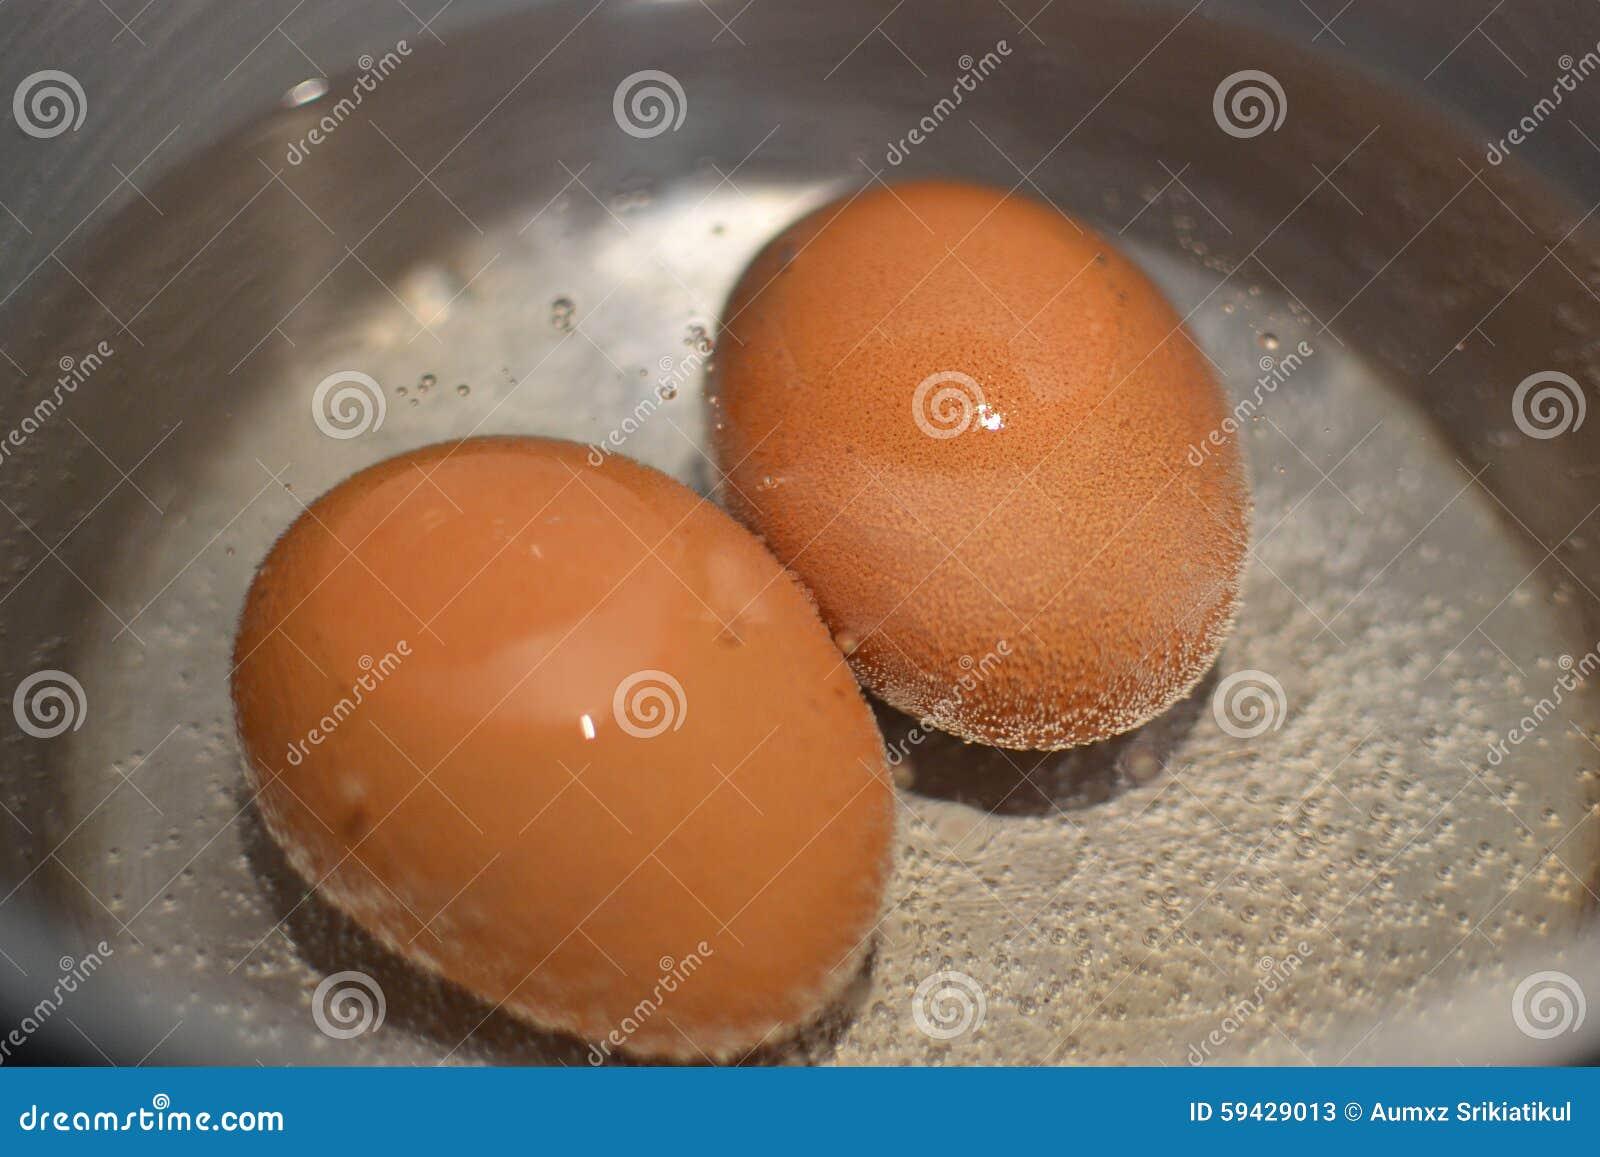 Two egg boil